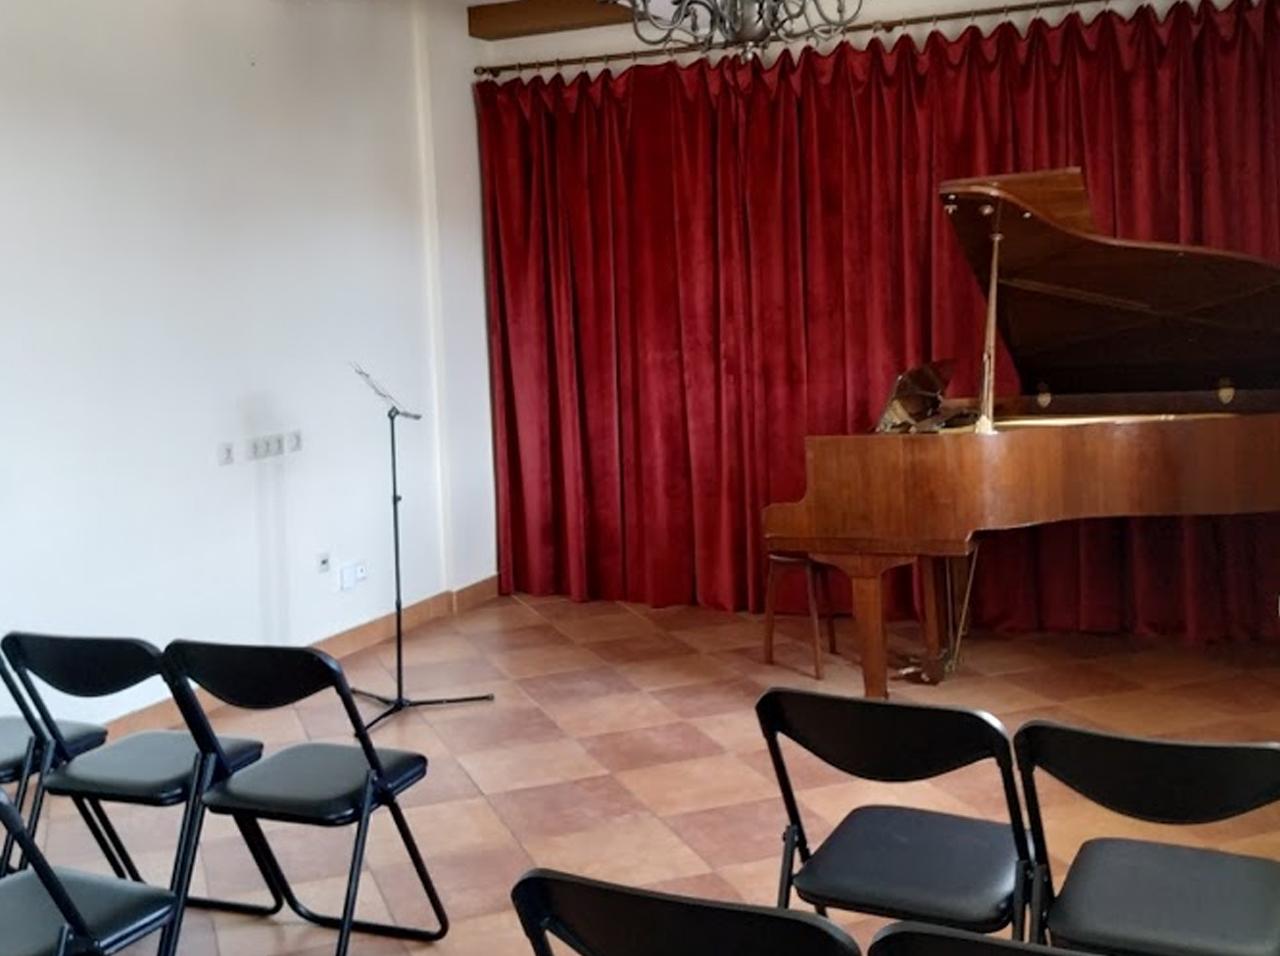 Репетиторий №3 — электронное пианино Yamaha